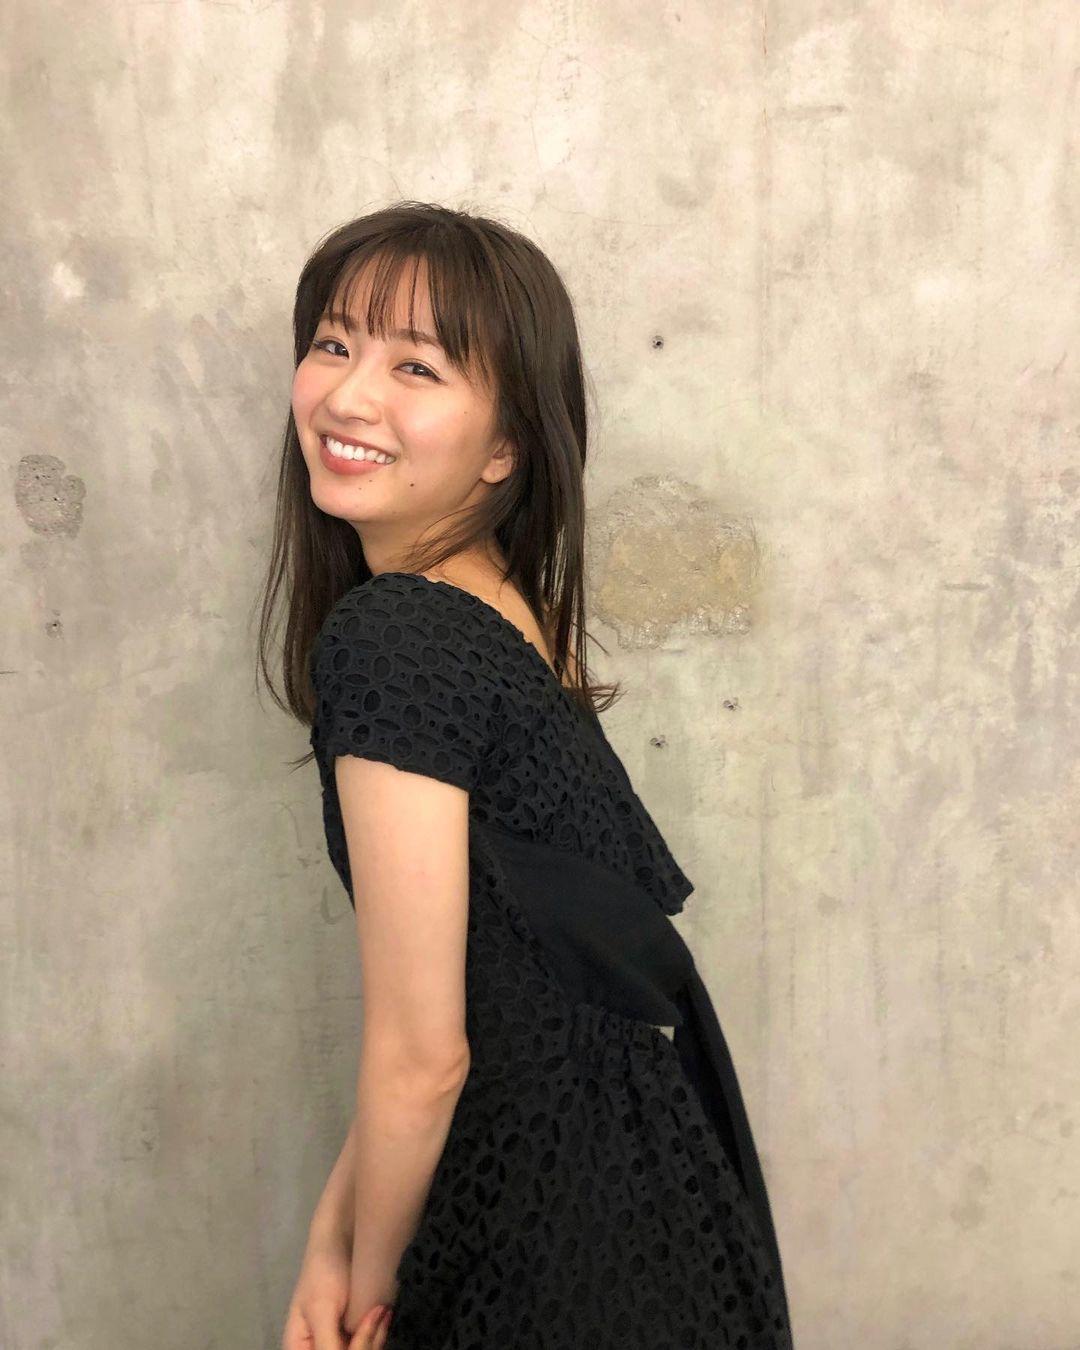 日系时尚杂志模特冈崎纱绘清甜笑容亲和力十足完全就是女友理想型 网络美女 第2张